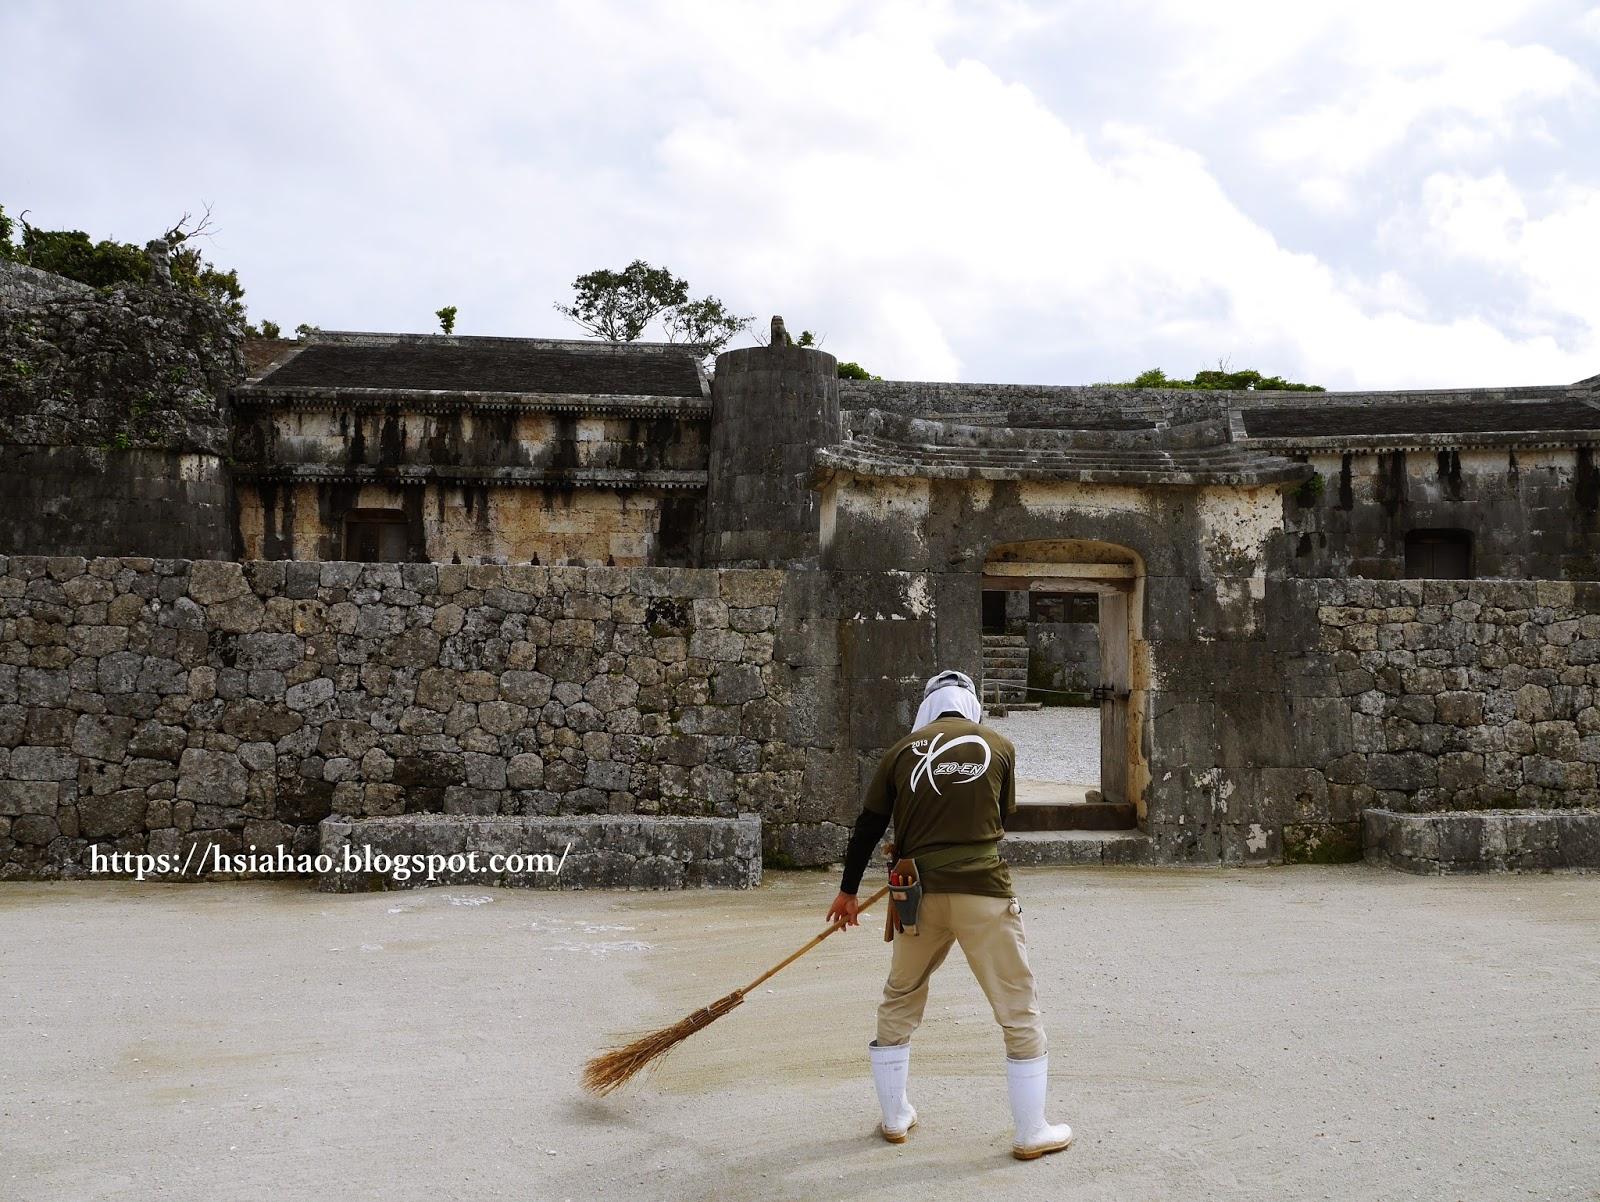 沖繩-景點-世界遺產-玉陵-自由行-旅遊-旅行-Okinawa-Naha-Shuri-Castle